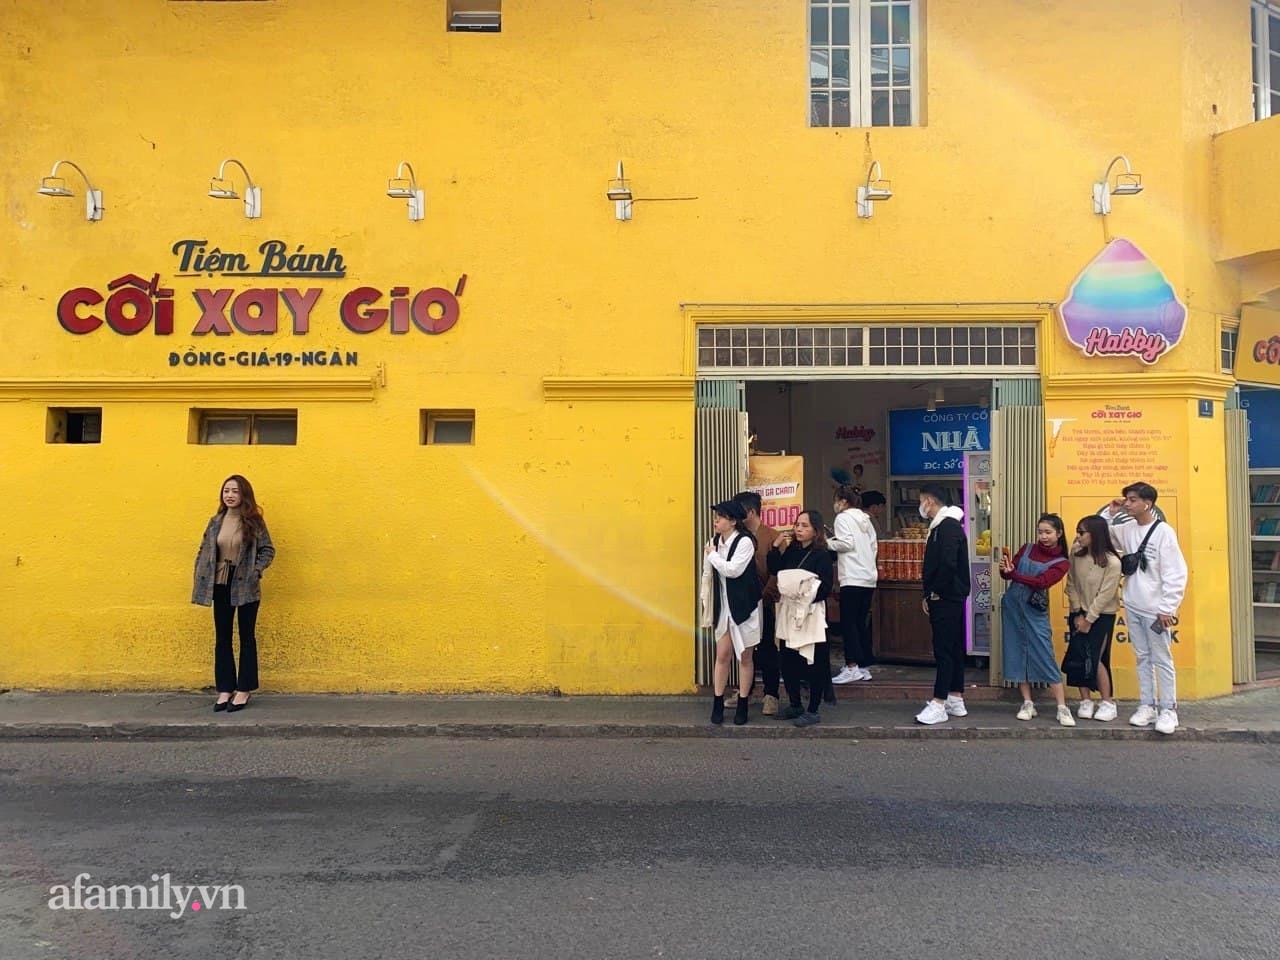 Hay tin bức tường vàng nổi tiếng của tiệm bánh Cối Xay Gió sắp ngừng hoạt động, khách du lịch kéo nhau đến chụp ảnh kỉ niệm đông nghẹt - Ảnh 4.